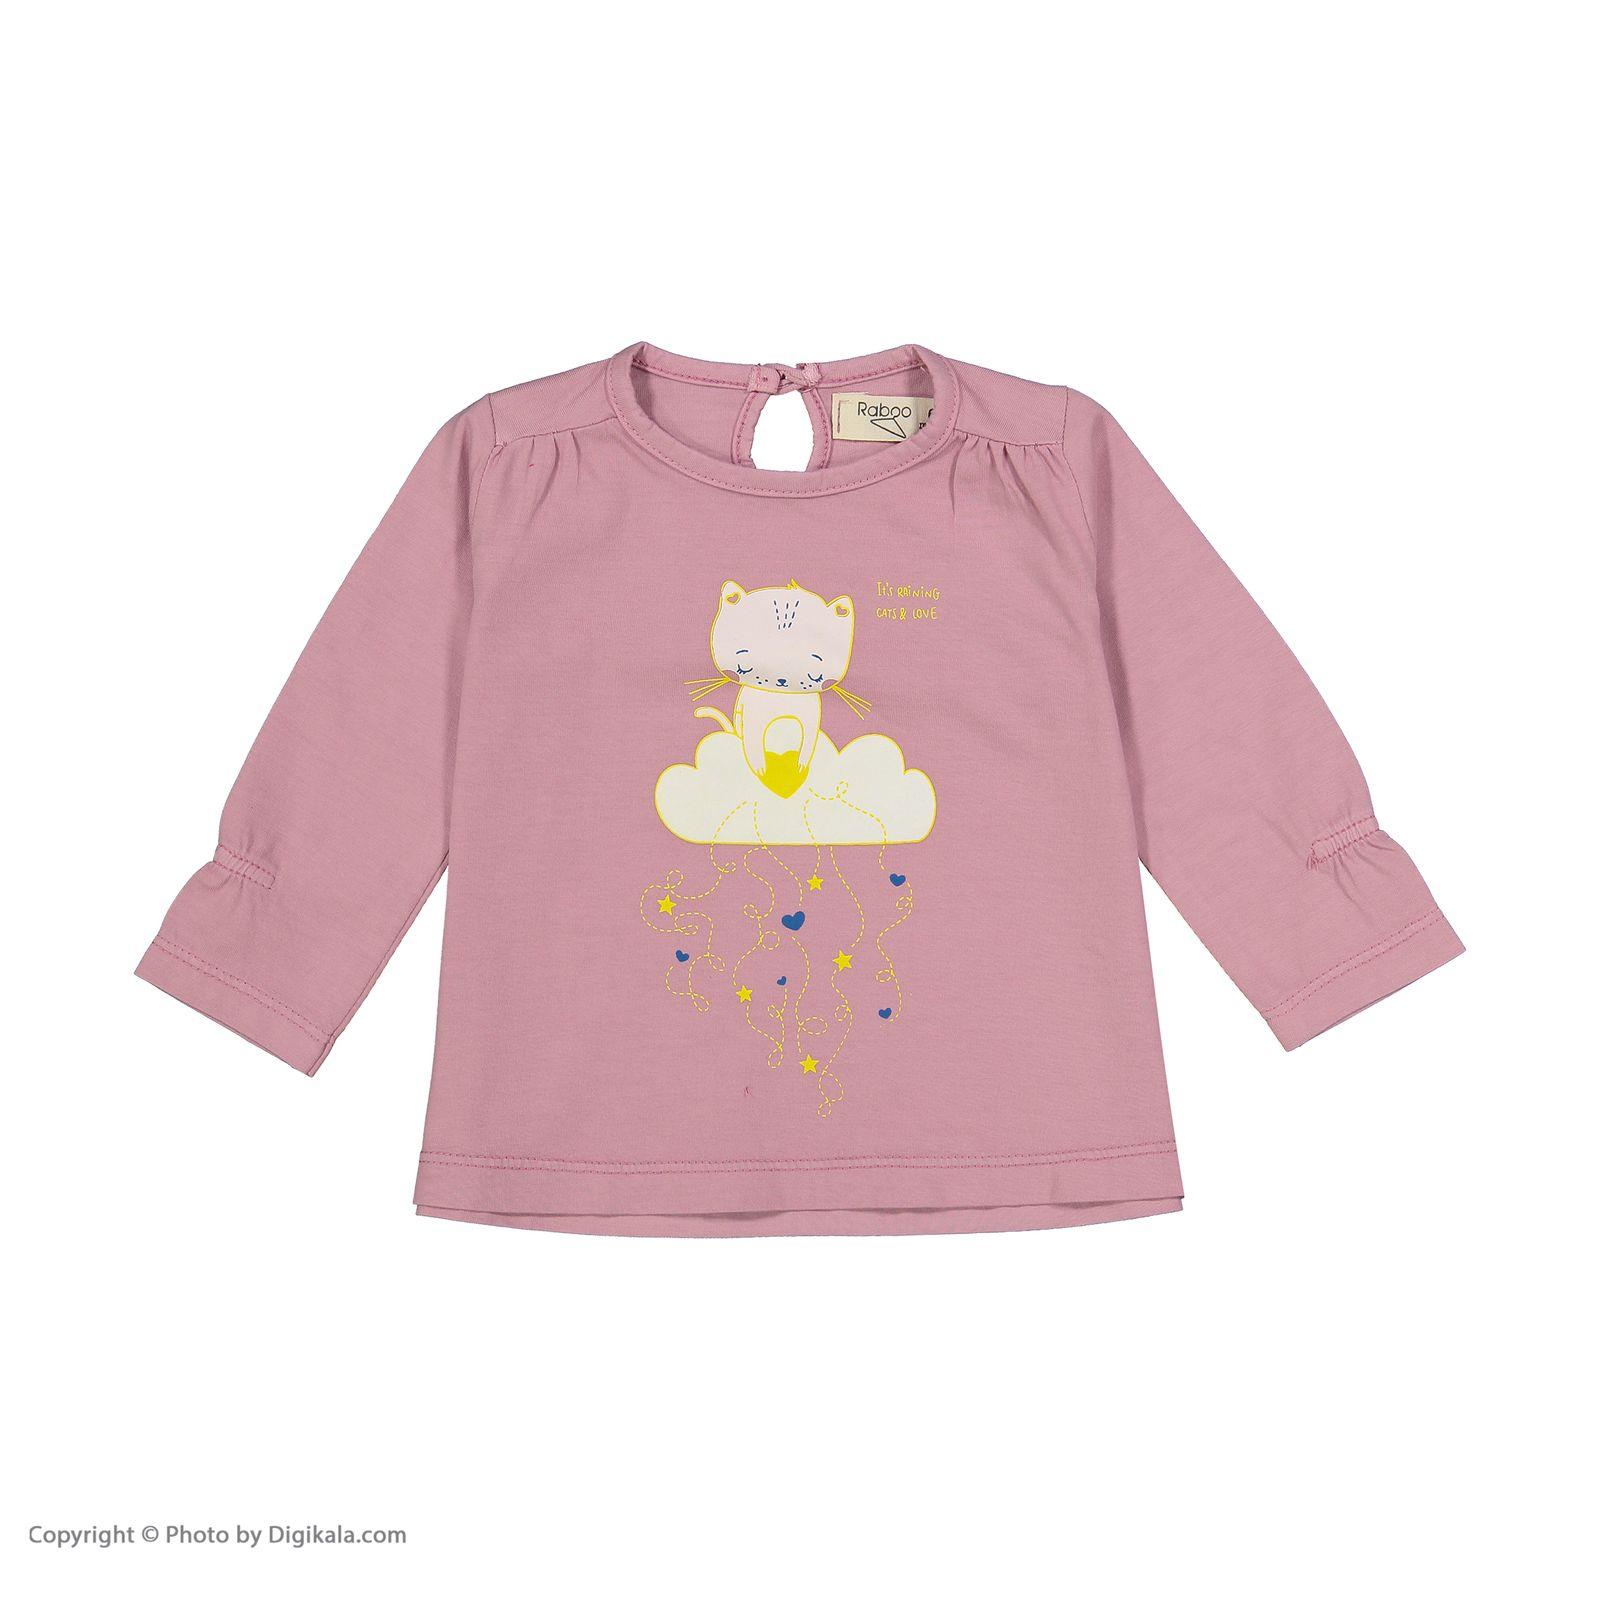 تی شرت دخترانه رابو مدل 2051118-86 -  - 1